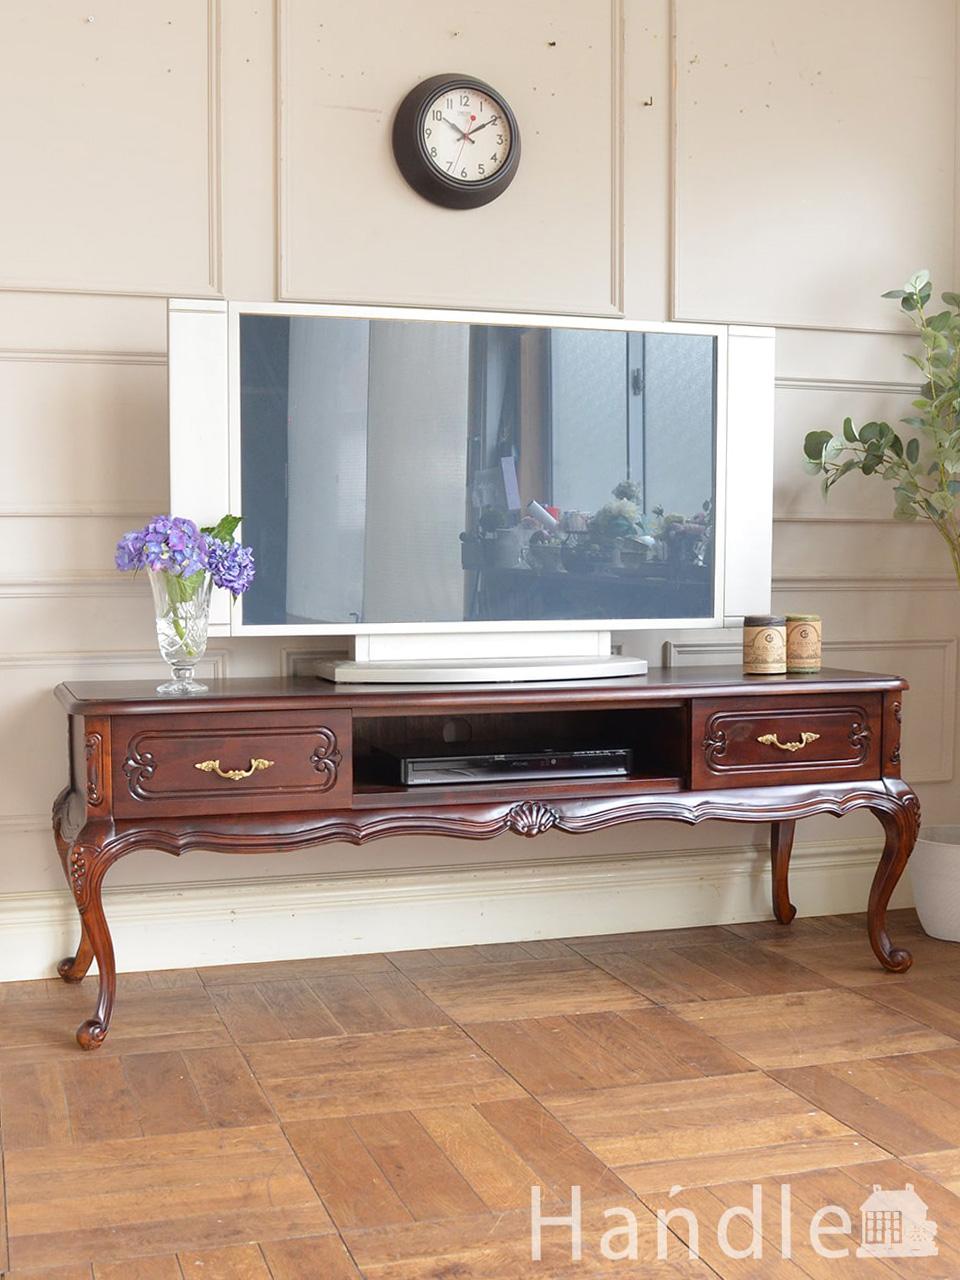 アンティーク風のおしゃれなテレビボード、マホガニー材のサイドボード